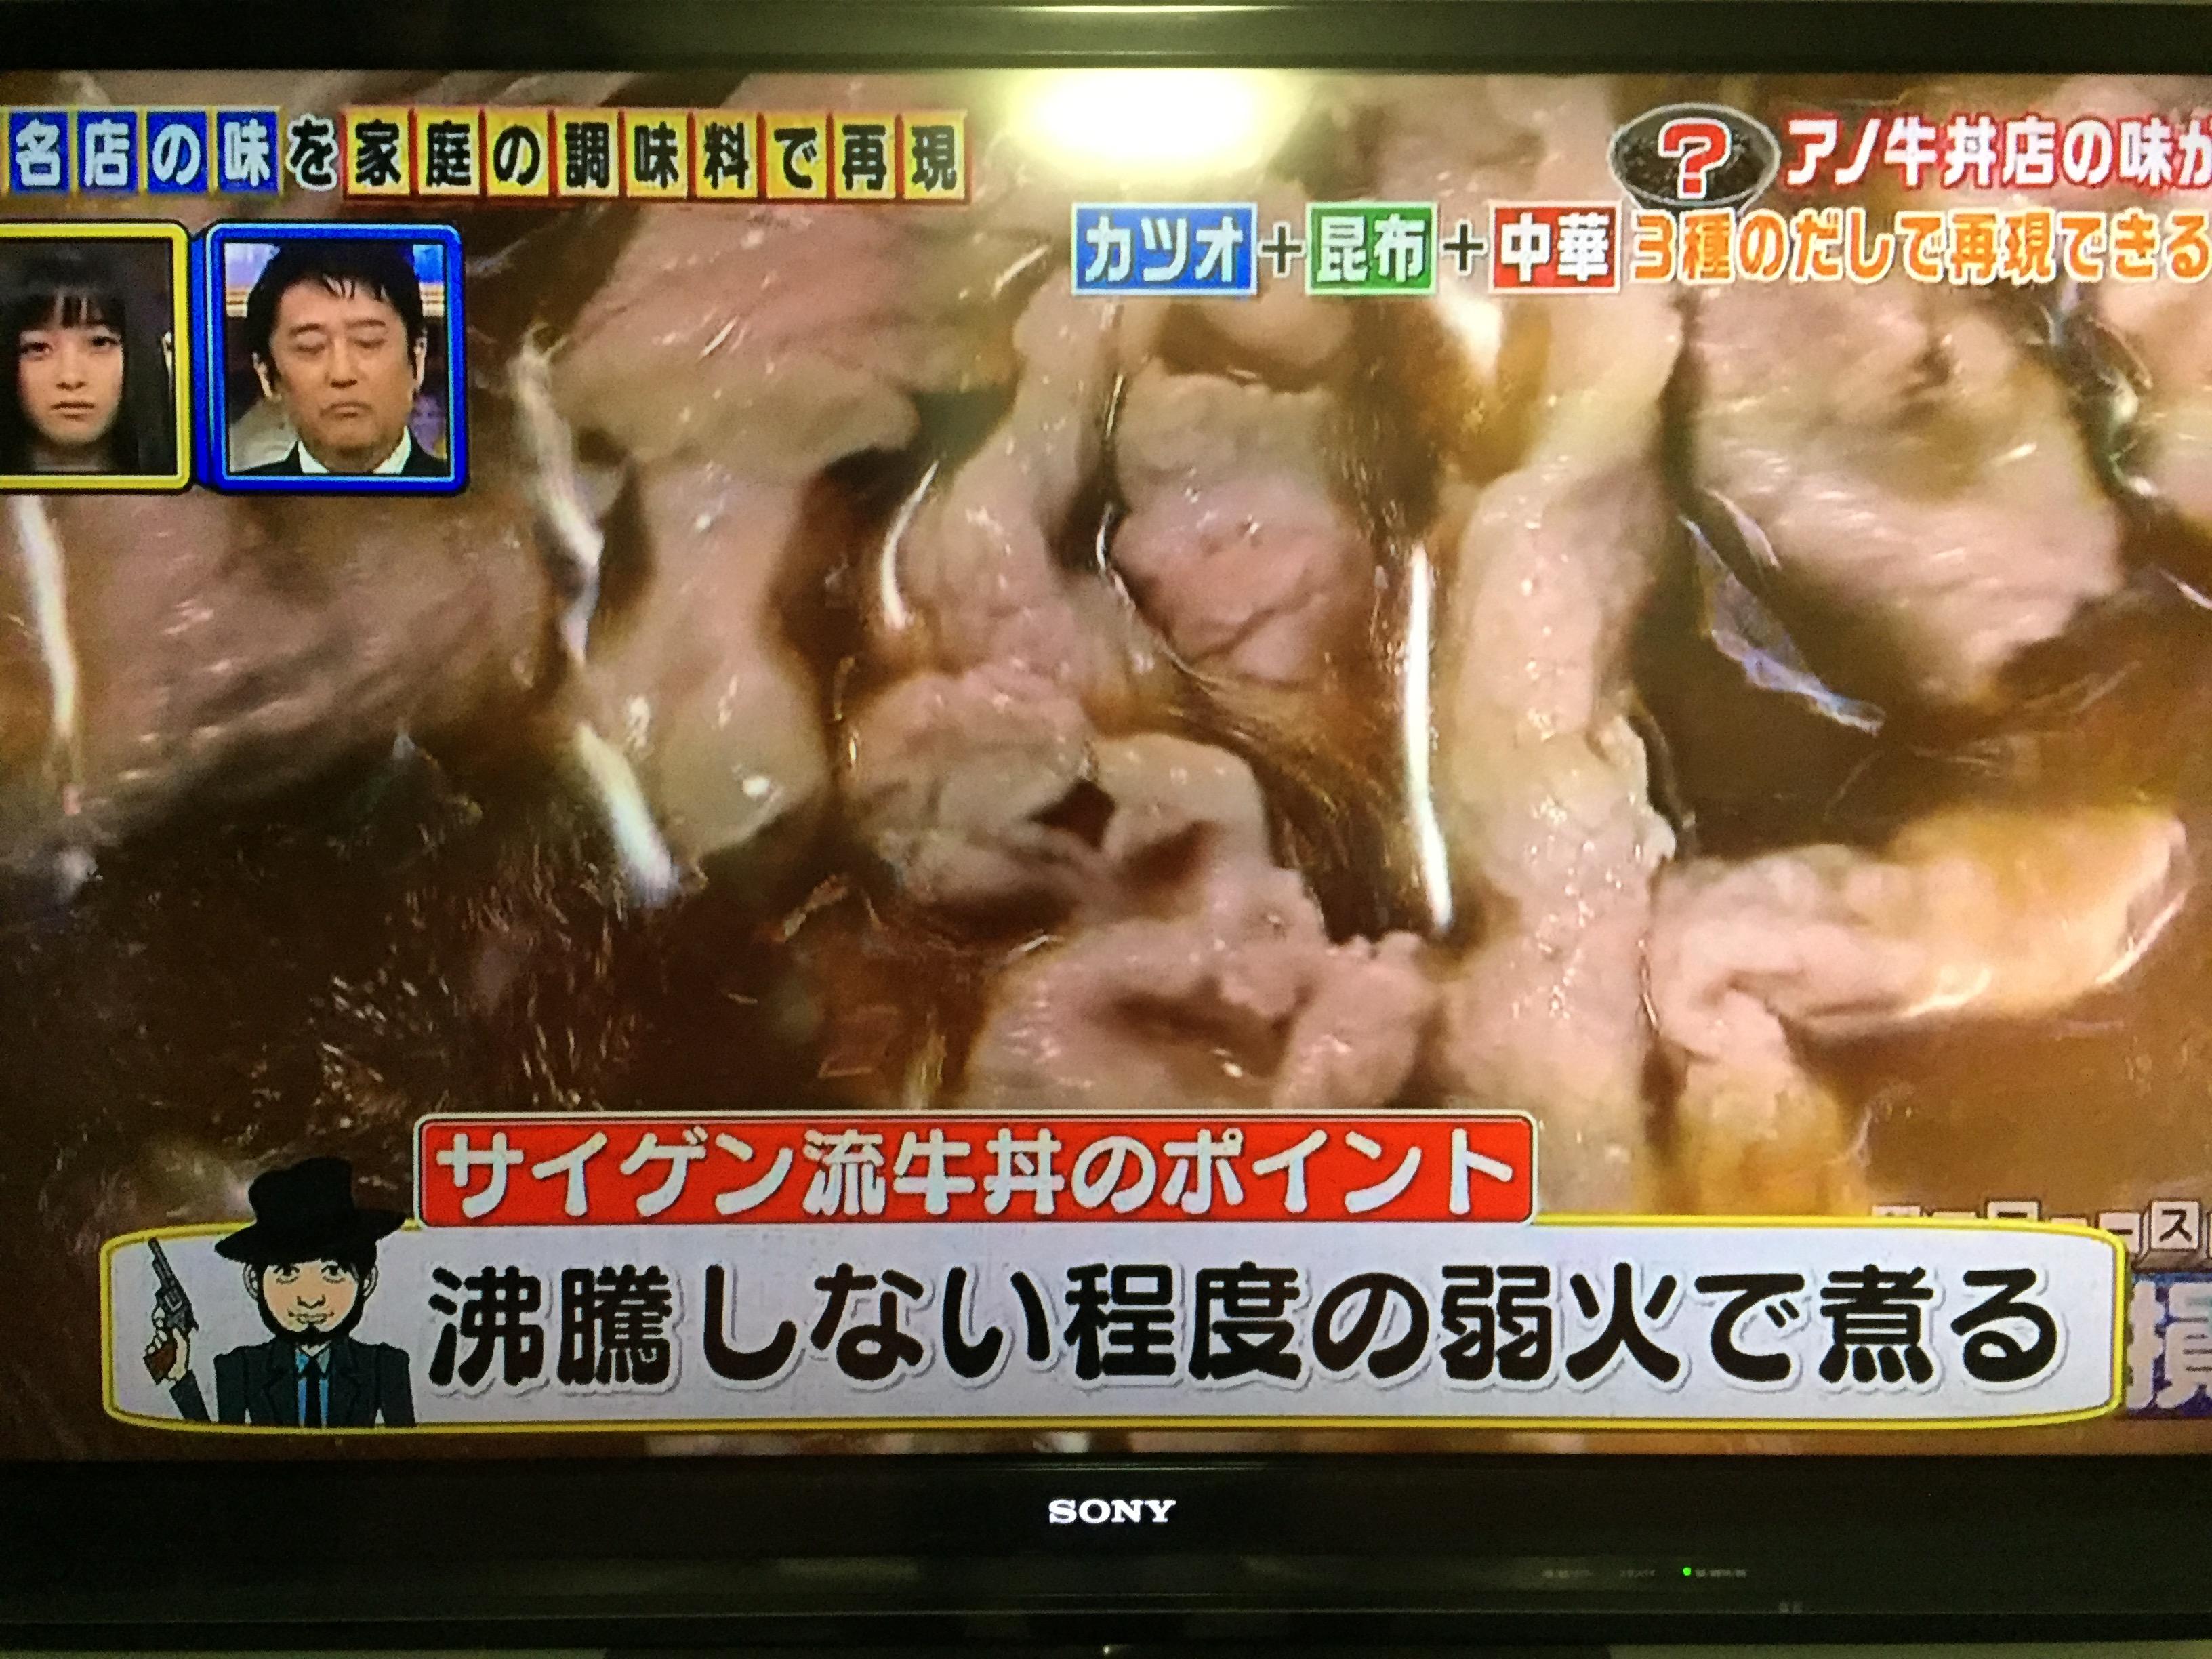 【得する人損する人】吉野家の牛丼を家庭で再現するレシピ サイゲン大介 カツオと昆布と中華だしで再現